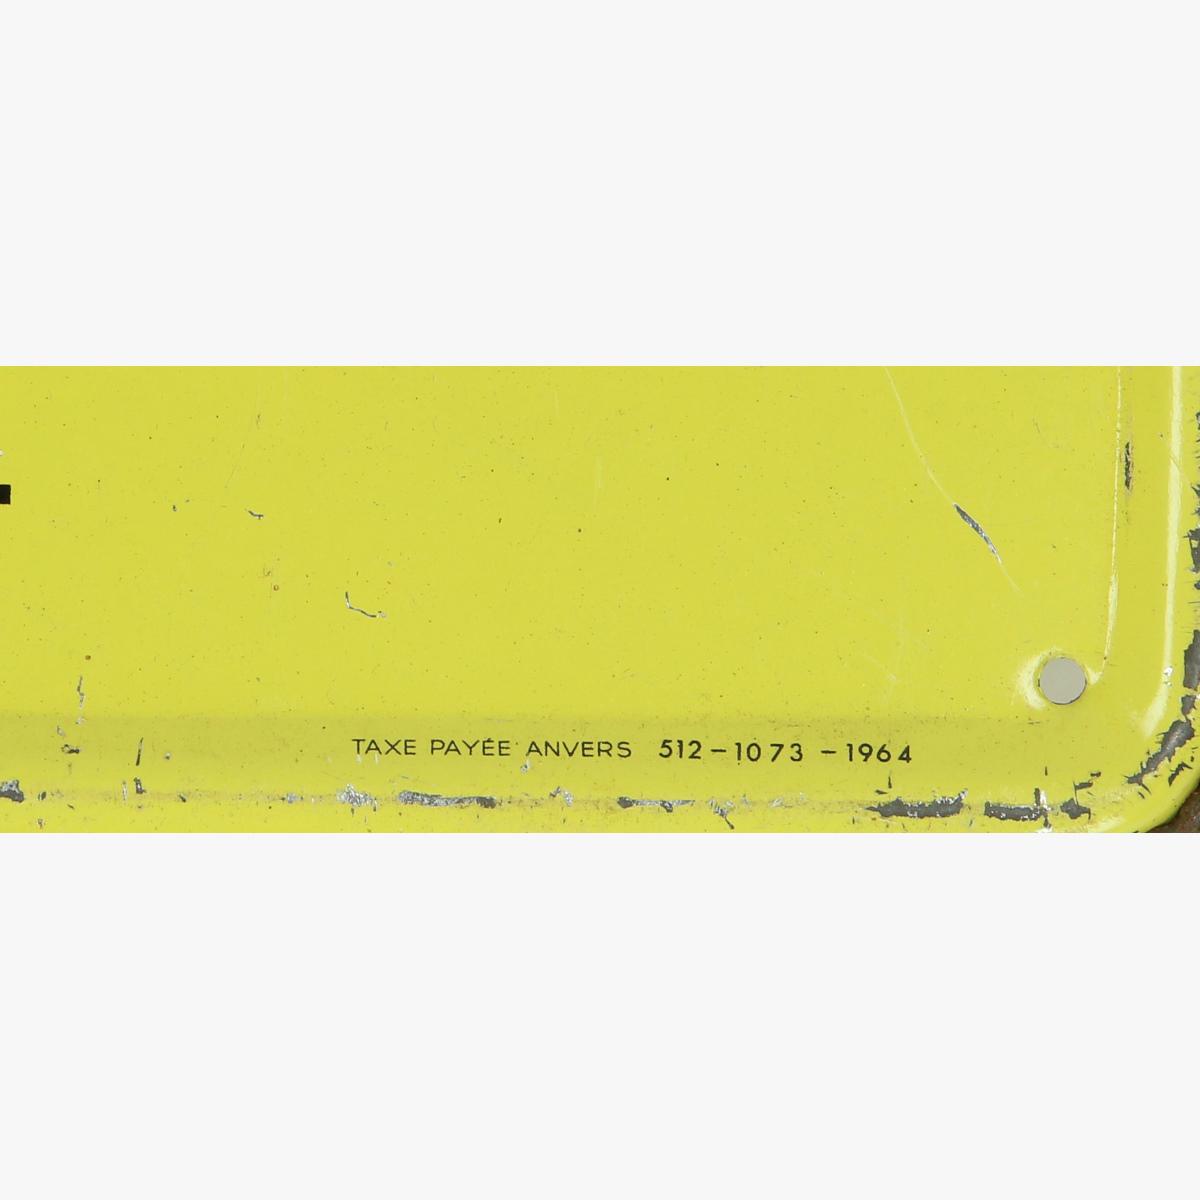 Afbeeldingen van blikken reclame 1964 boulet parfait bacnure antracite